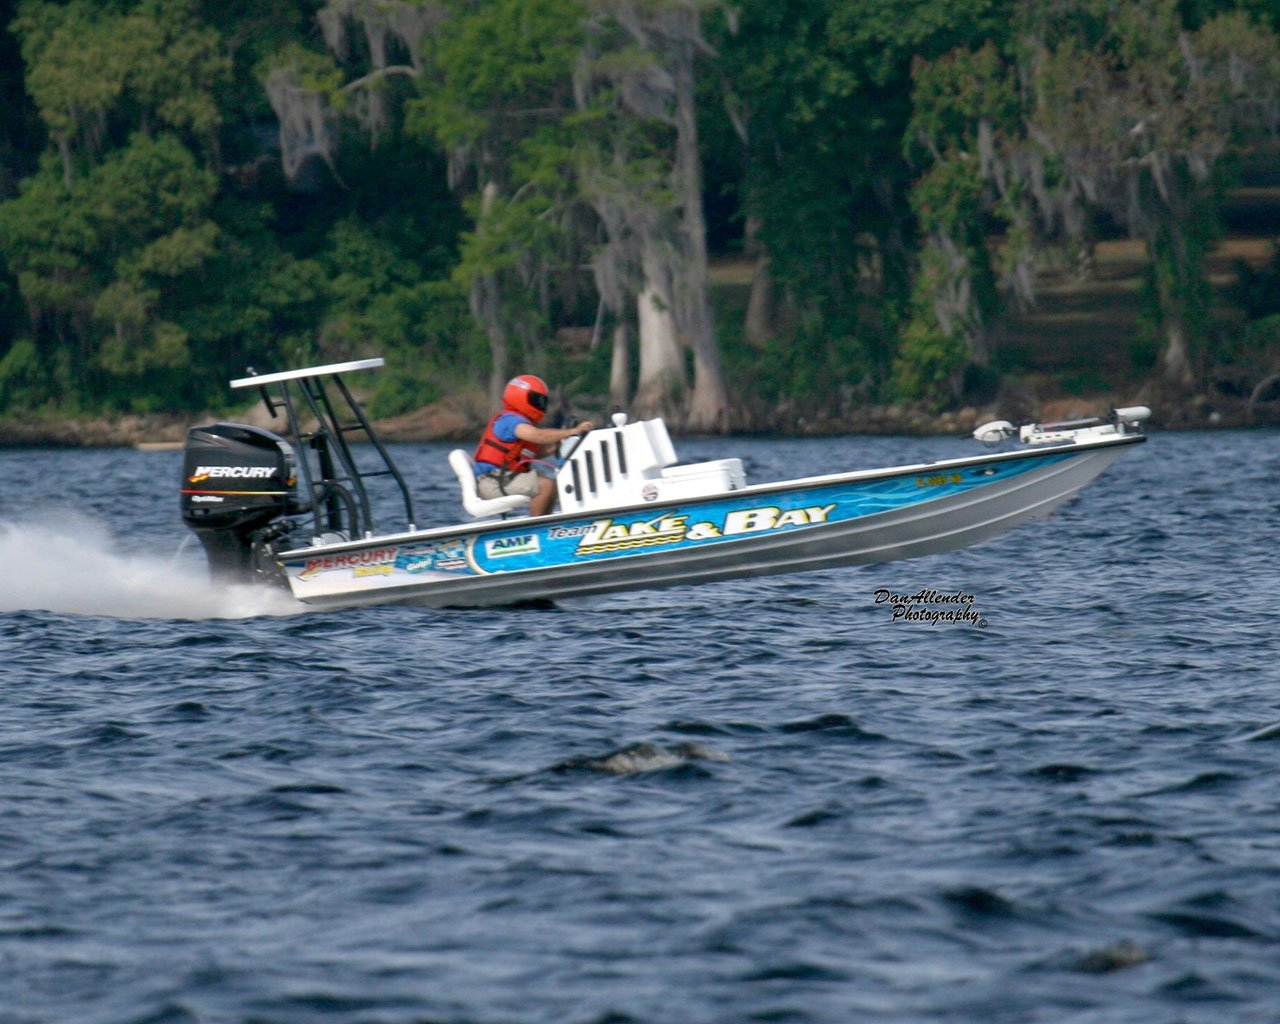 Lake and Bay Boats sets World Speed Record | Lake And Bay ...